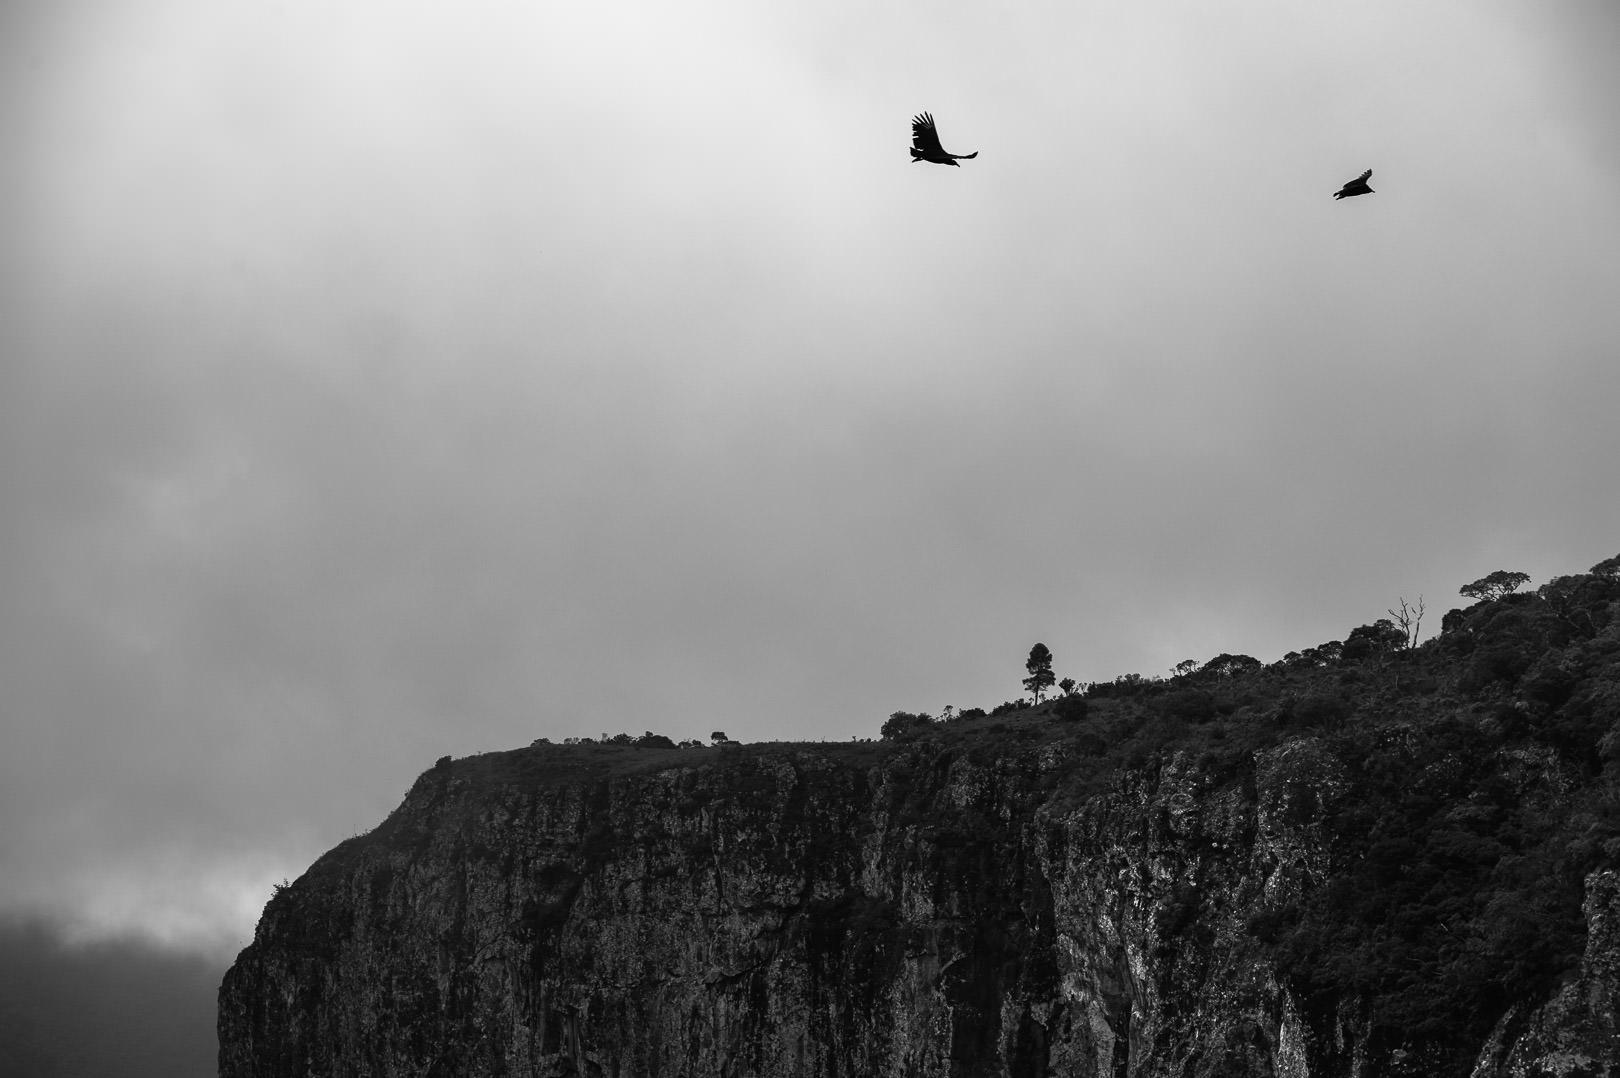 Caminhada no Caminho dos Canyons Viagens e Aventuras  trekking Serra do Rio do Rastro são josé dos Ausentes Kundalini Festival Festival São José dos Ausentes carnaval Canyon Realengo Canyon Amola Faca Caminho dos canyons caminho dos caninos caminhada